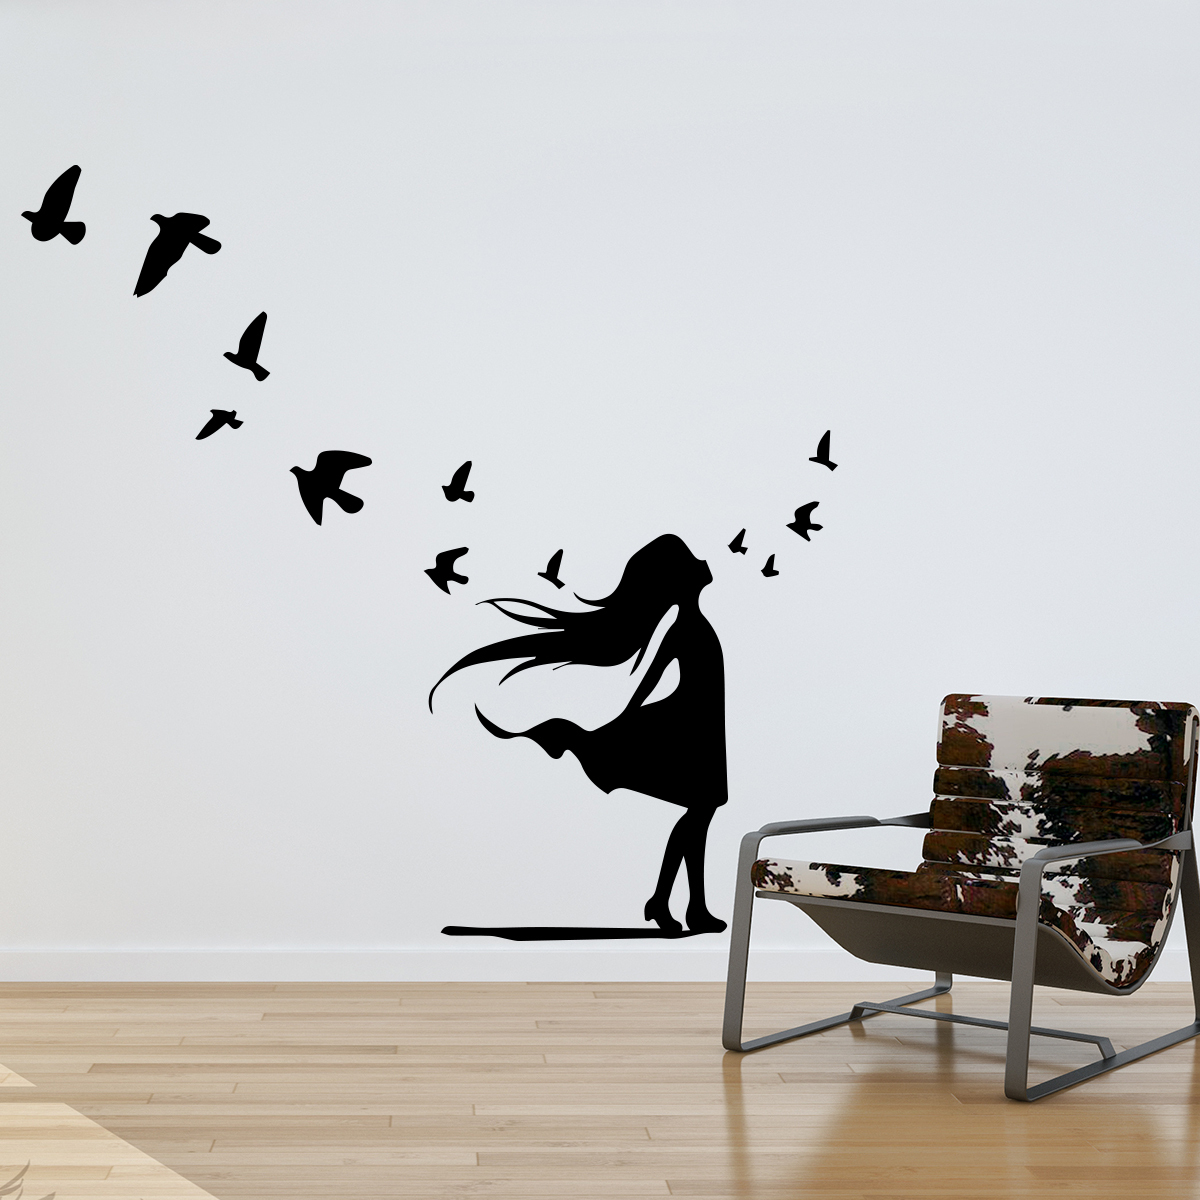 Sticker Petite Fille Et Vol D'oiseaux destiné Vol Petit Oiseau